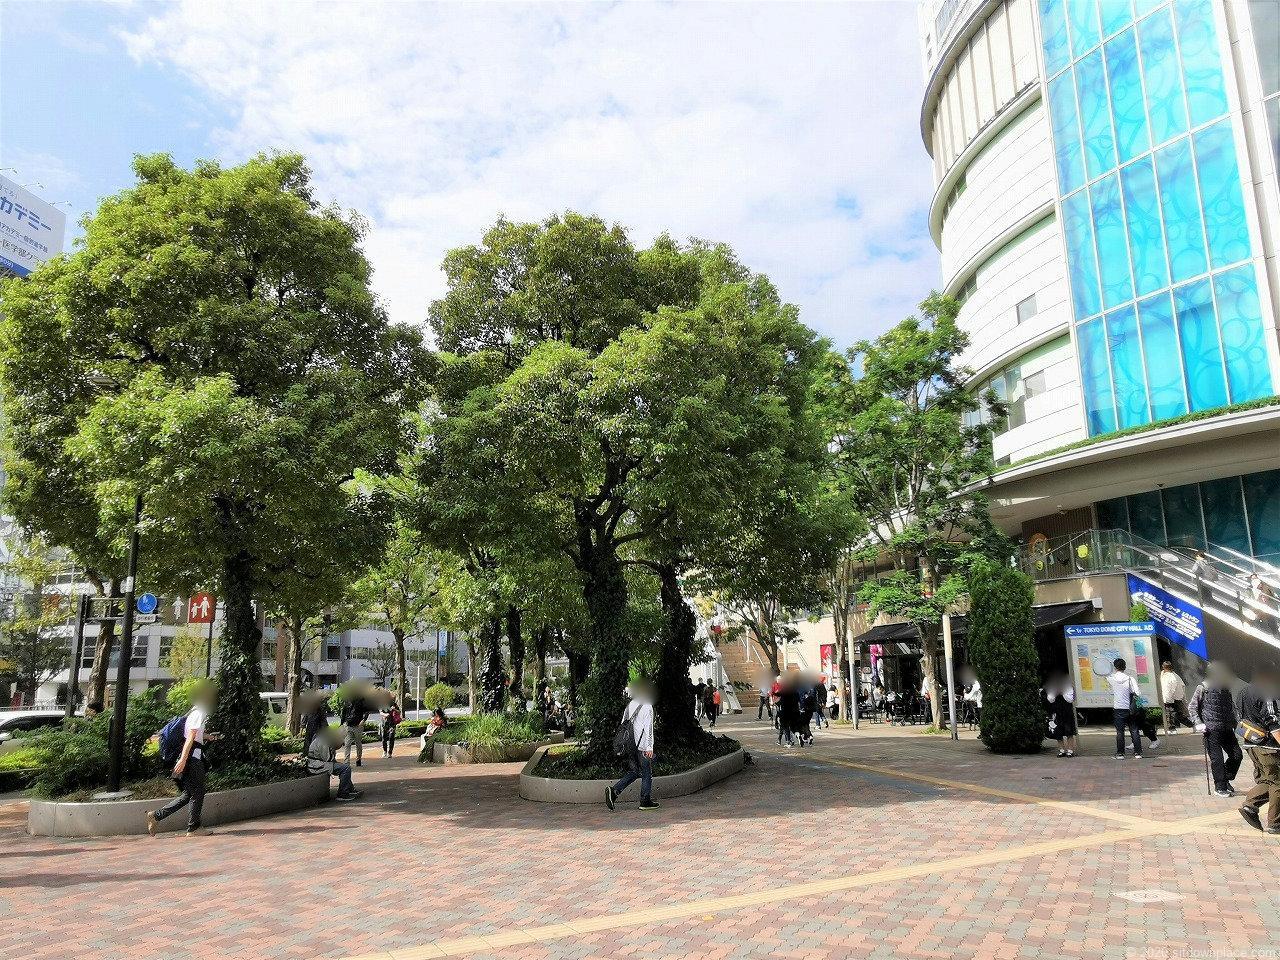 水道橋駅 東京ドームシティ ミーツポート前広場の外観2